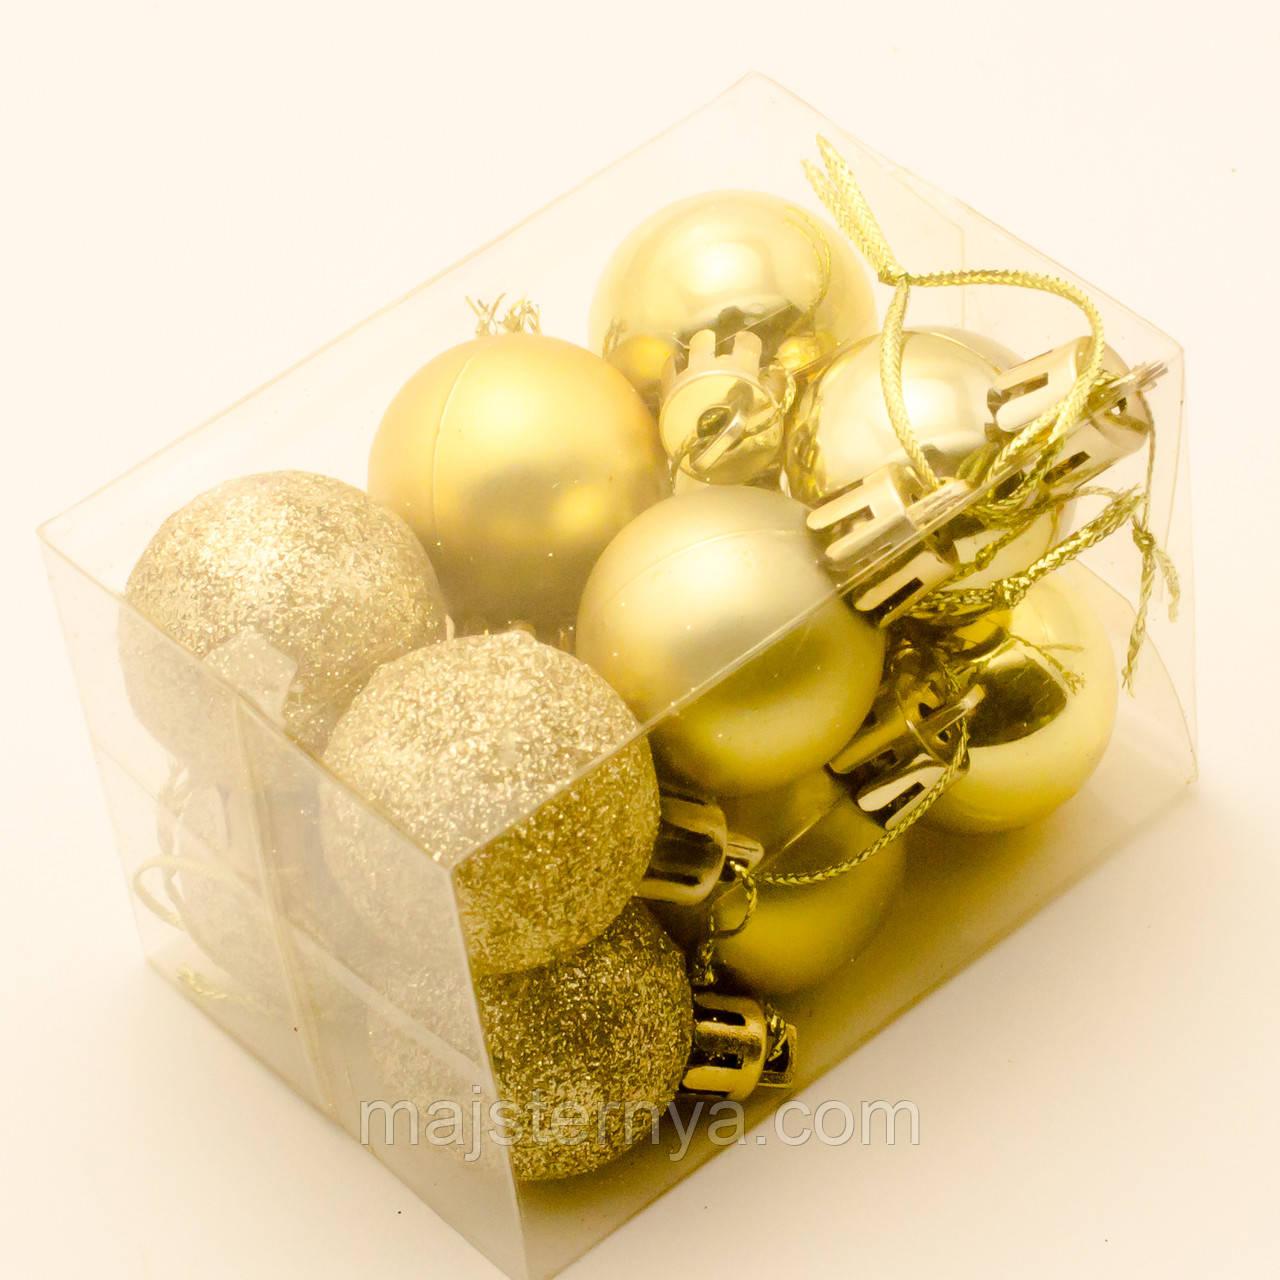 Новогодние игрушки на елку - шары 7см (12шт в упаковке) золотого цвета